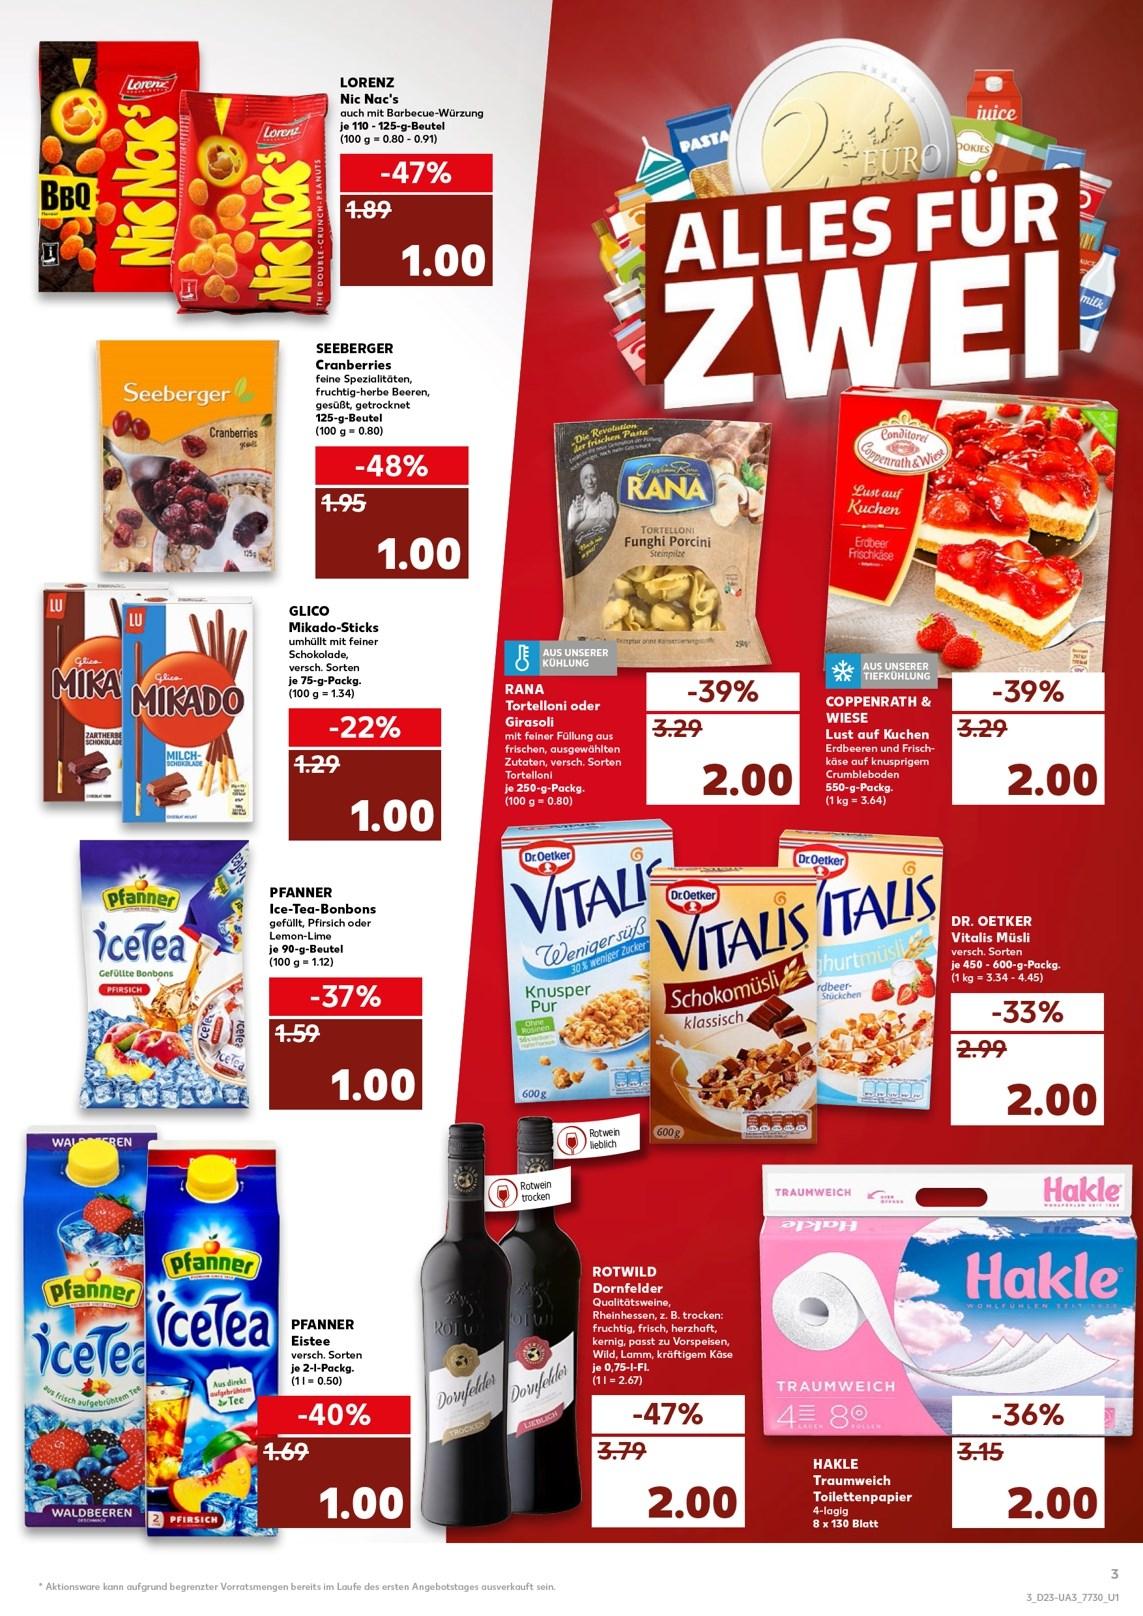 (Kaufland) Pfanner Eistee 2l 1€